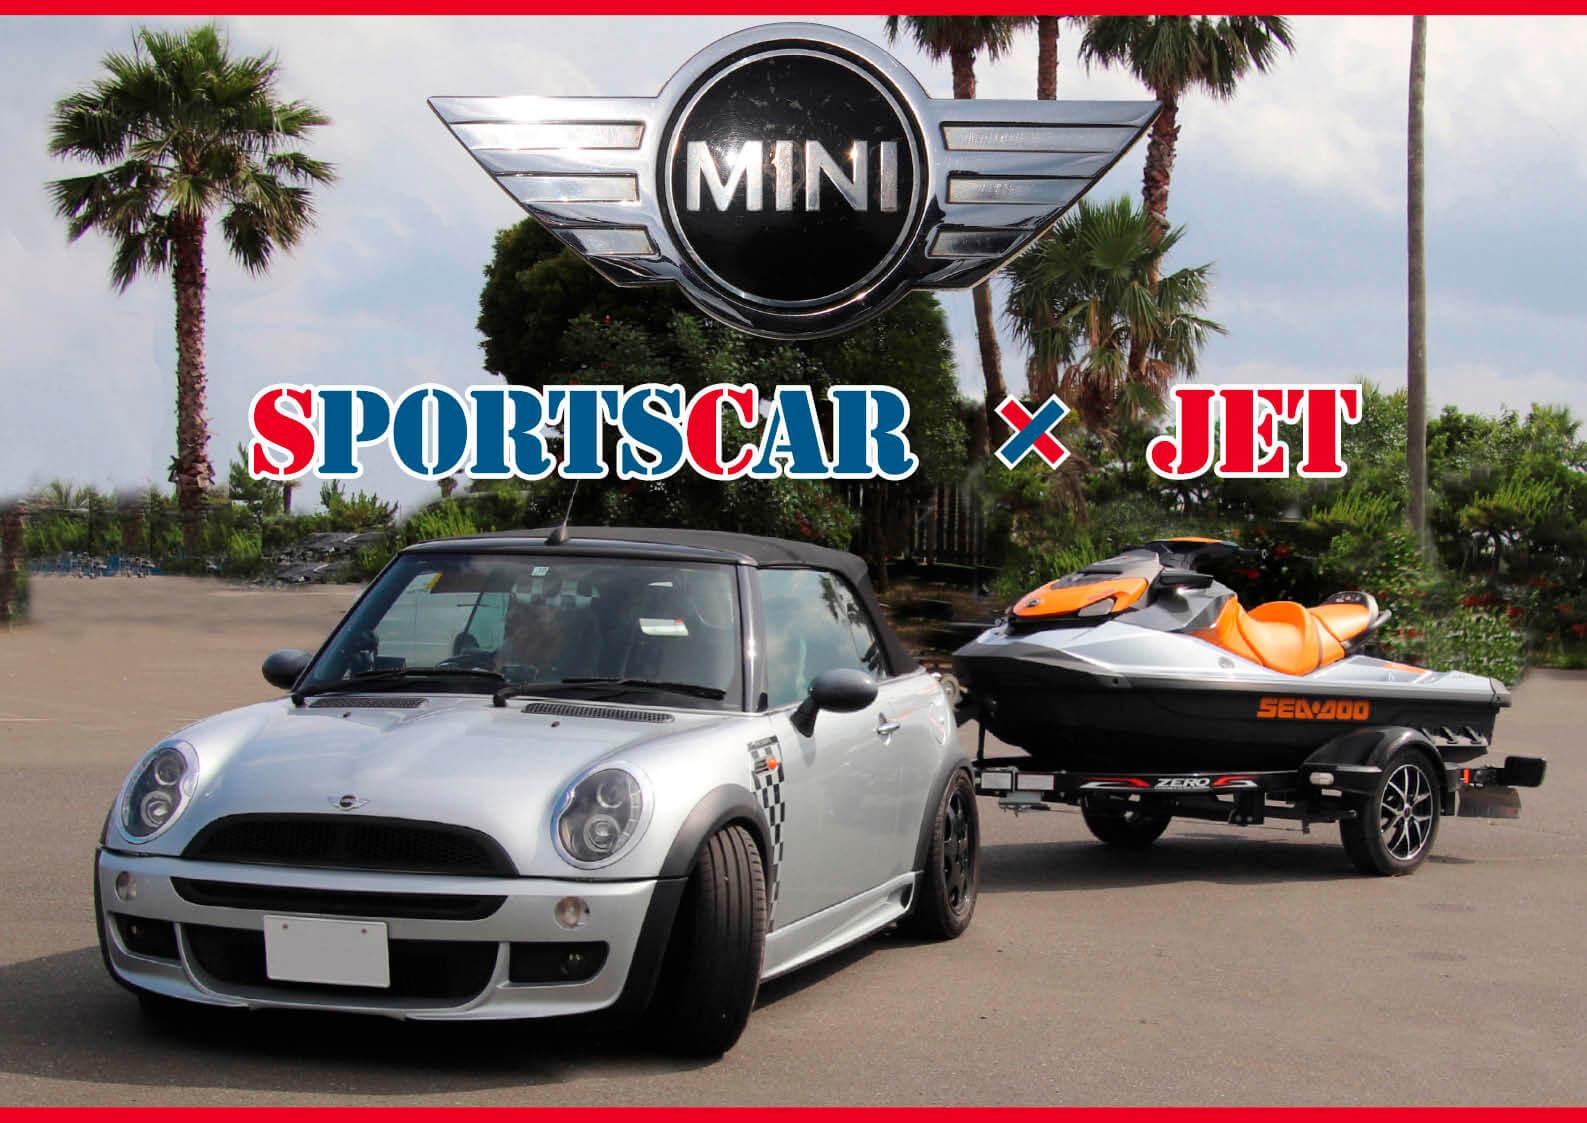 2005年式・MINI COOPER × JET 大好きなスポーツカーでジェットスキーを引っ張る (水上バイク)ジェットスキー